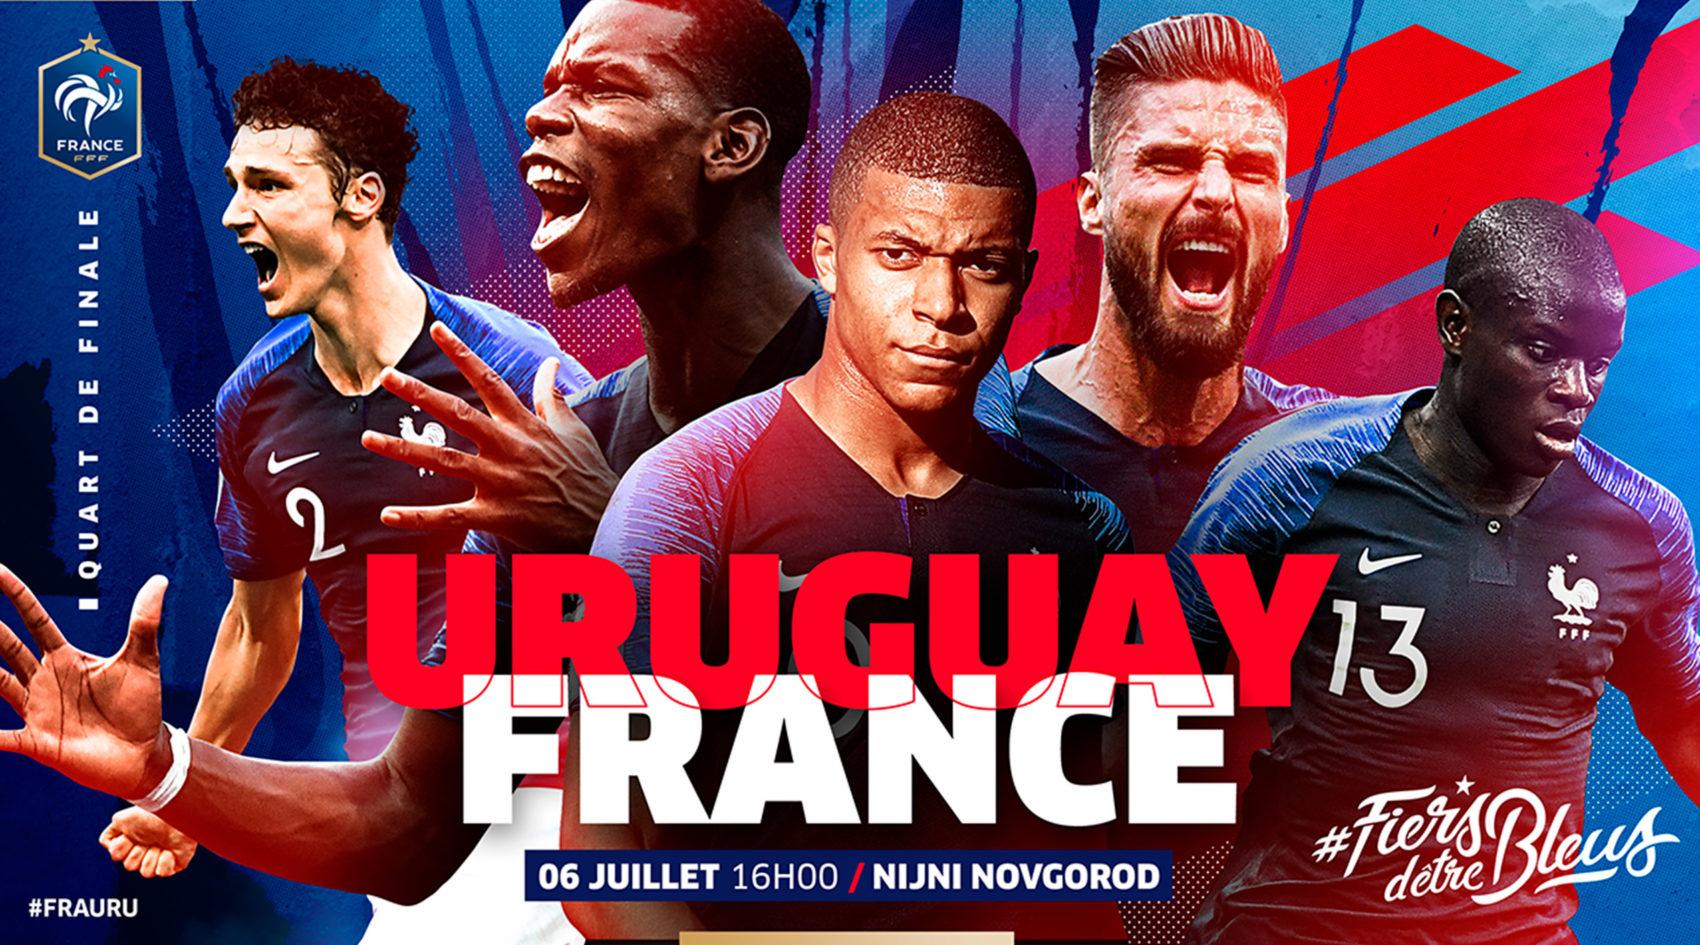 FFF_fiers_detre_bleus_federation_francaise_de_football_champions_monde_coupe_du_monde